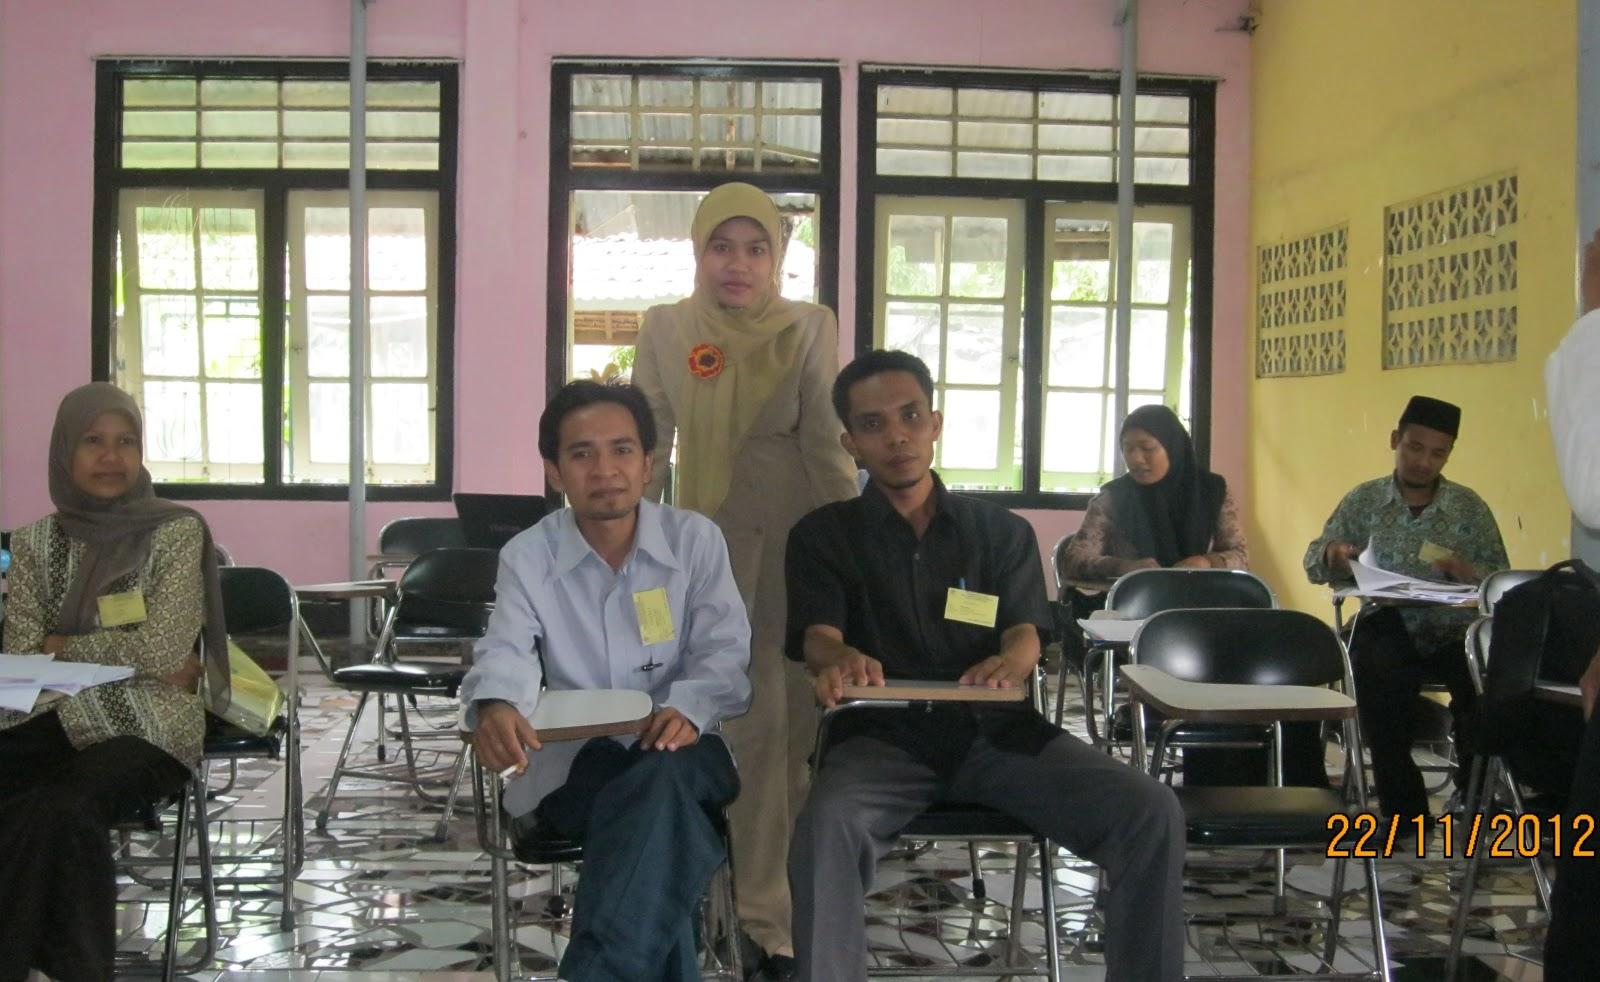 Klompok belajar IPA 2 di Hotel Arum Jaya (foto-foto sebelum masuk